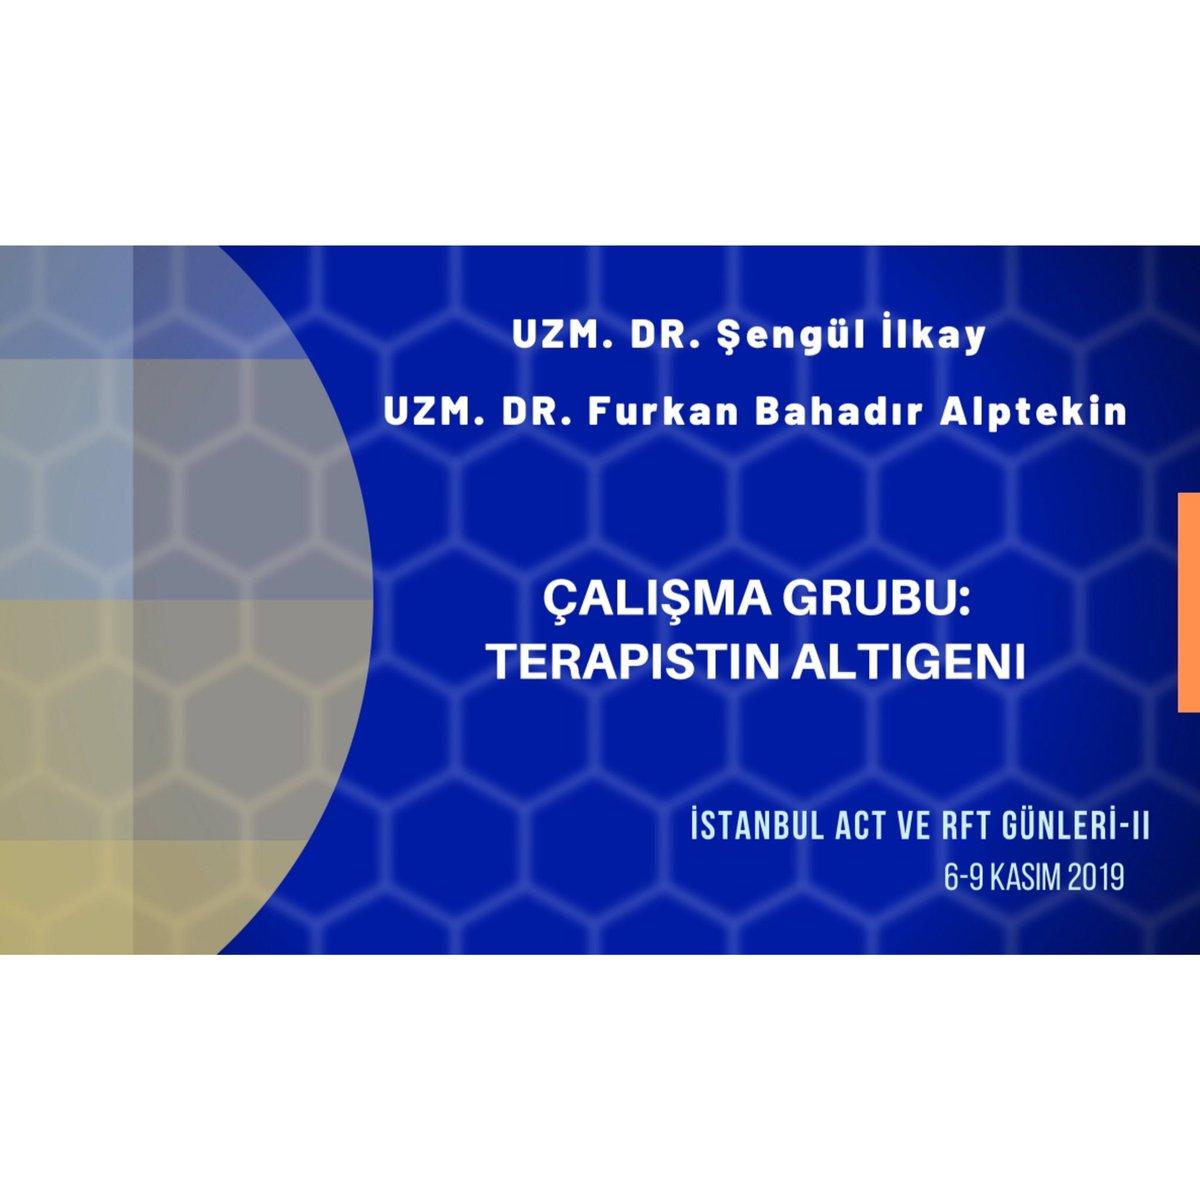 """Uzm.Dr. Şengül İlkay ve Uzm. Dr. Furkan Bahadır Alptekin """"Terapistin Altıgeni"""" çalışma grubuyla ACT ve RFT Günleri-II' de ! Hepinizi bekliyoruz 🌟 Ayrıntılı bilgi için: http://www.actgunleri2019.org #act #rft #istanbul #kabulvekararlılıkterapisi  #acceptanceandcommitmenttherapy"""